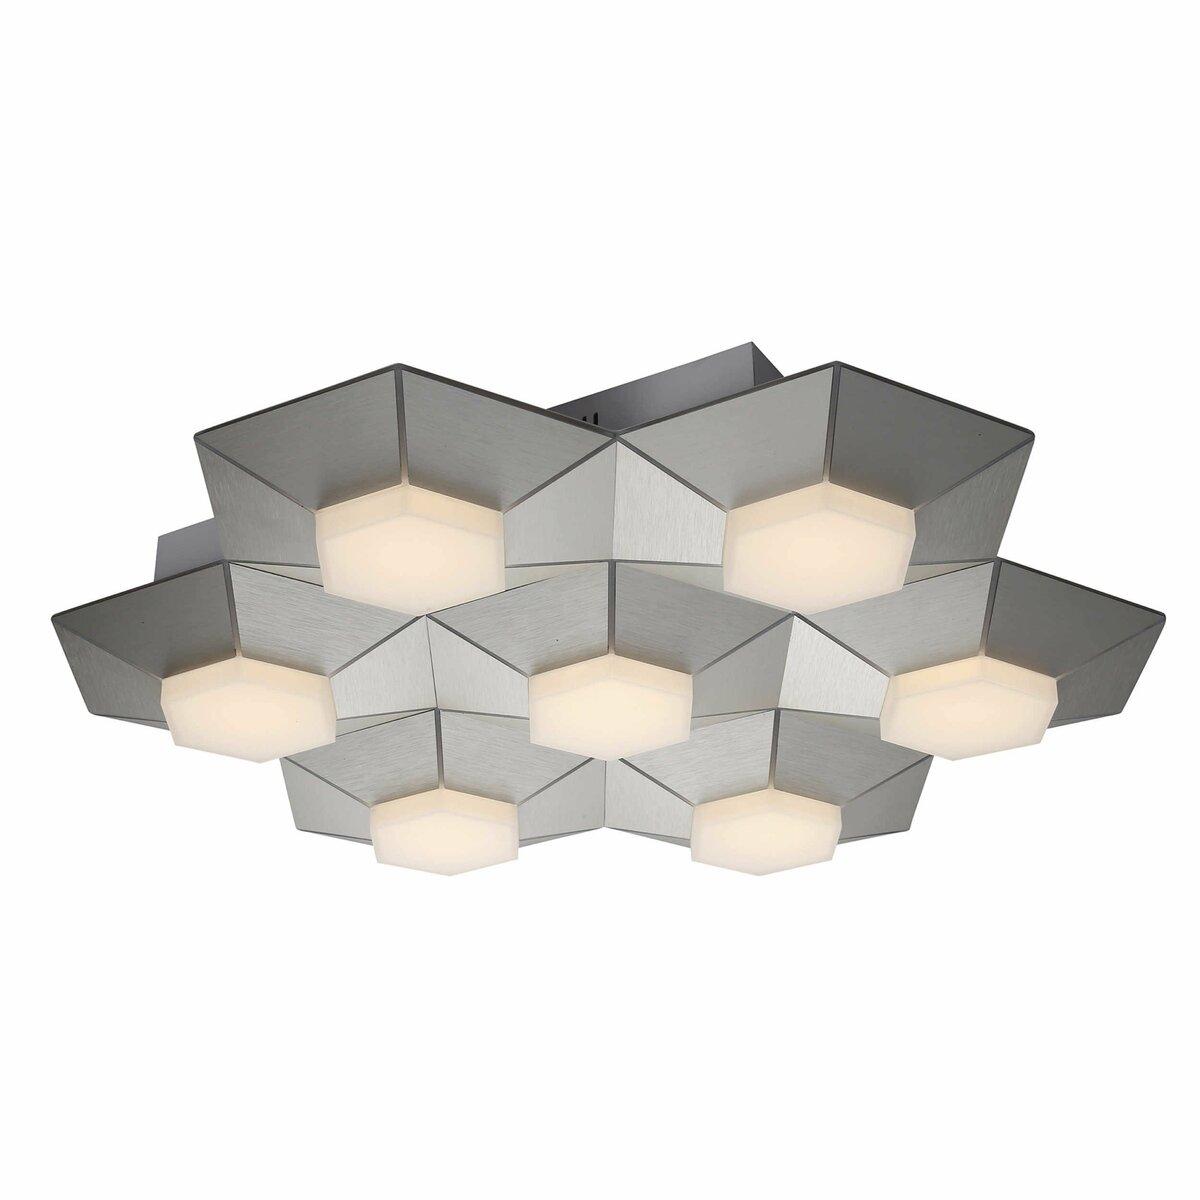 Bild 1 von DesignLive LED-Deckenleuchte   EDISON